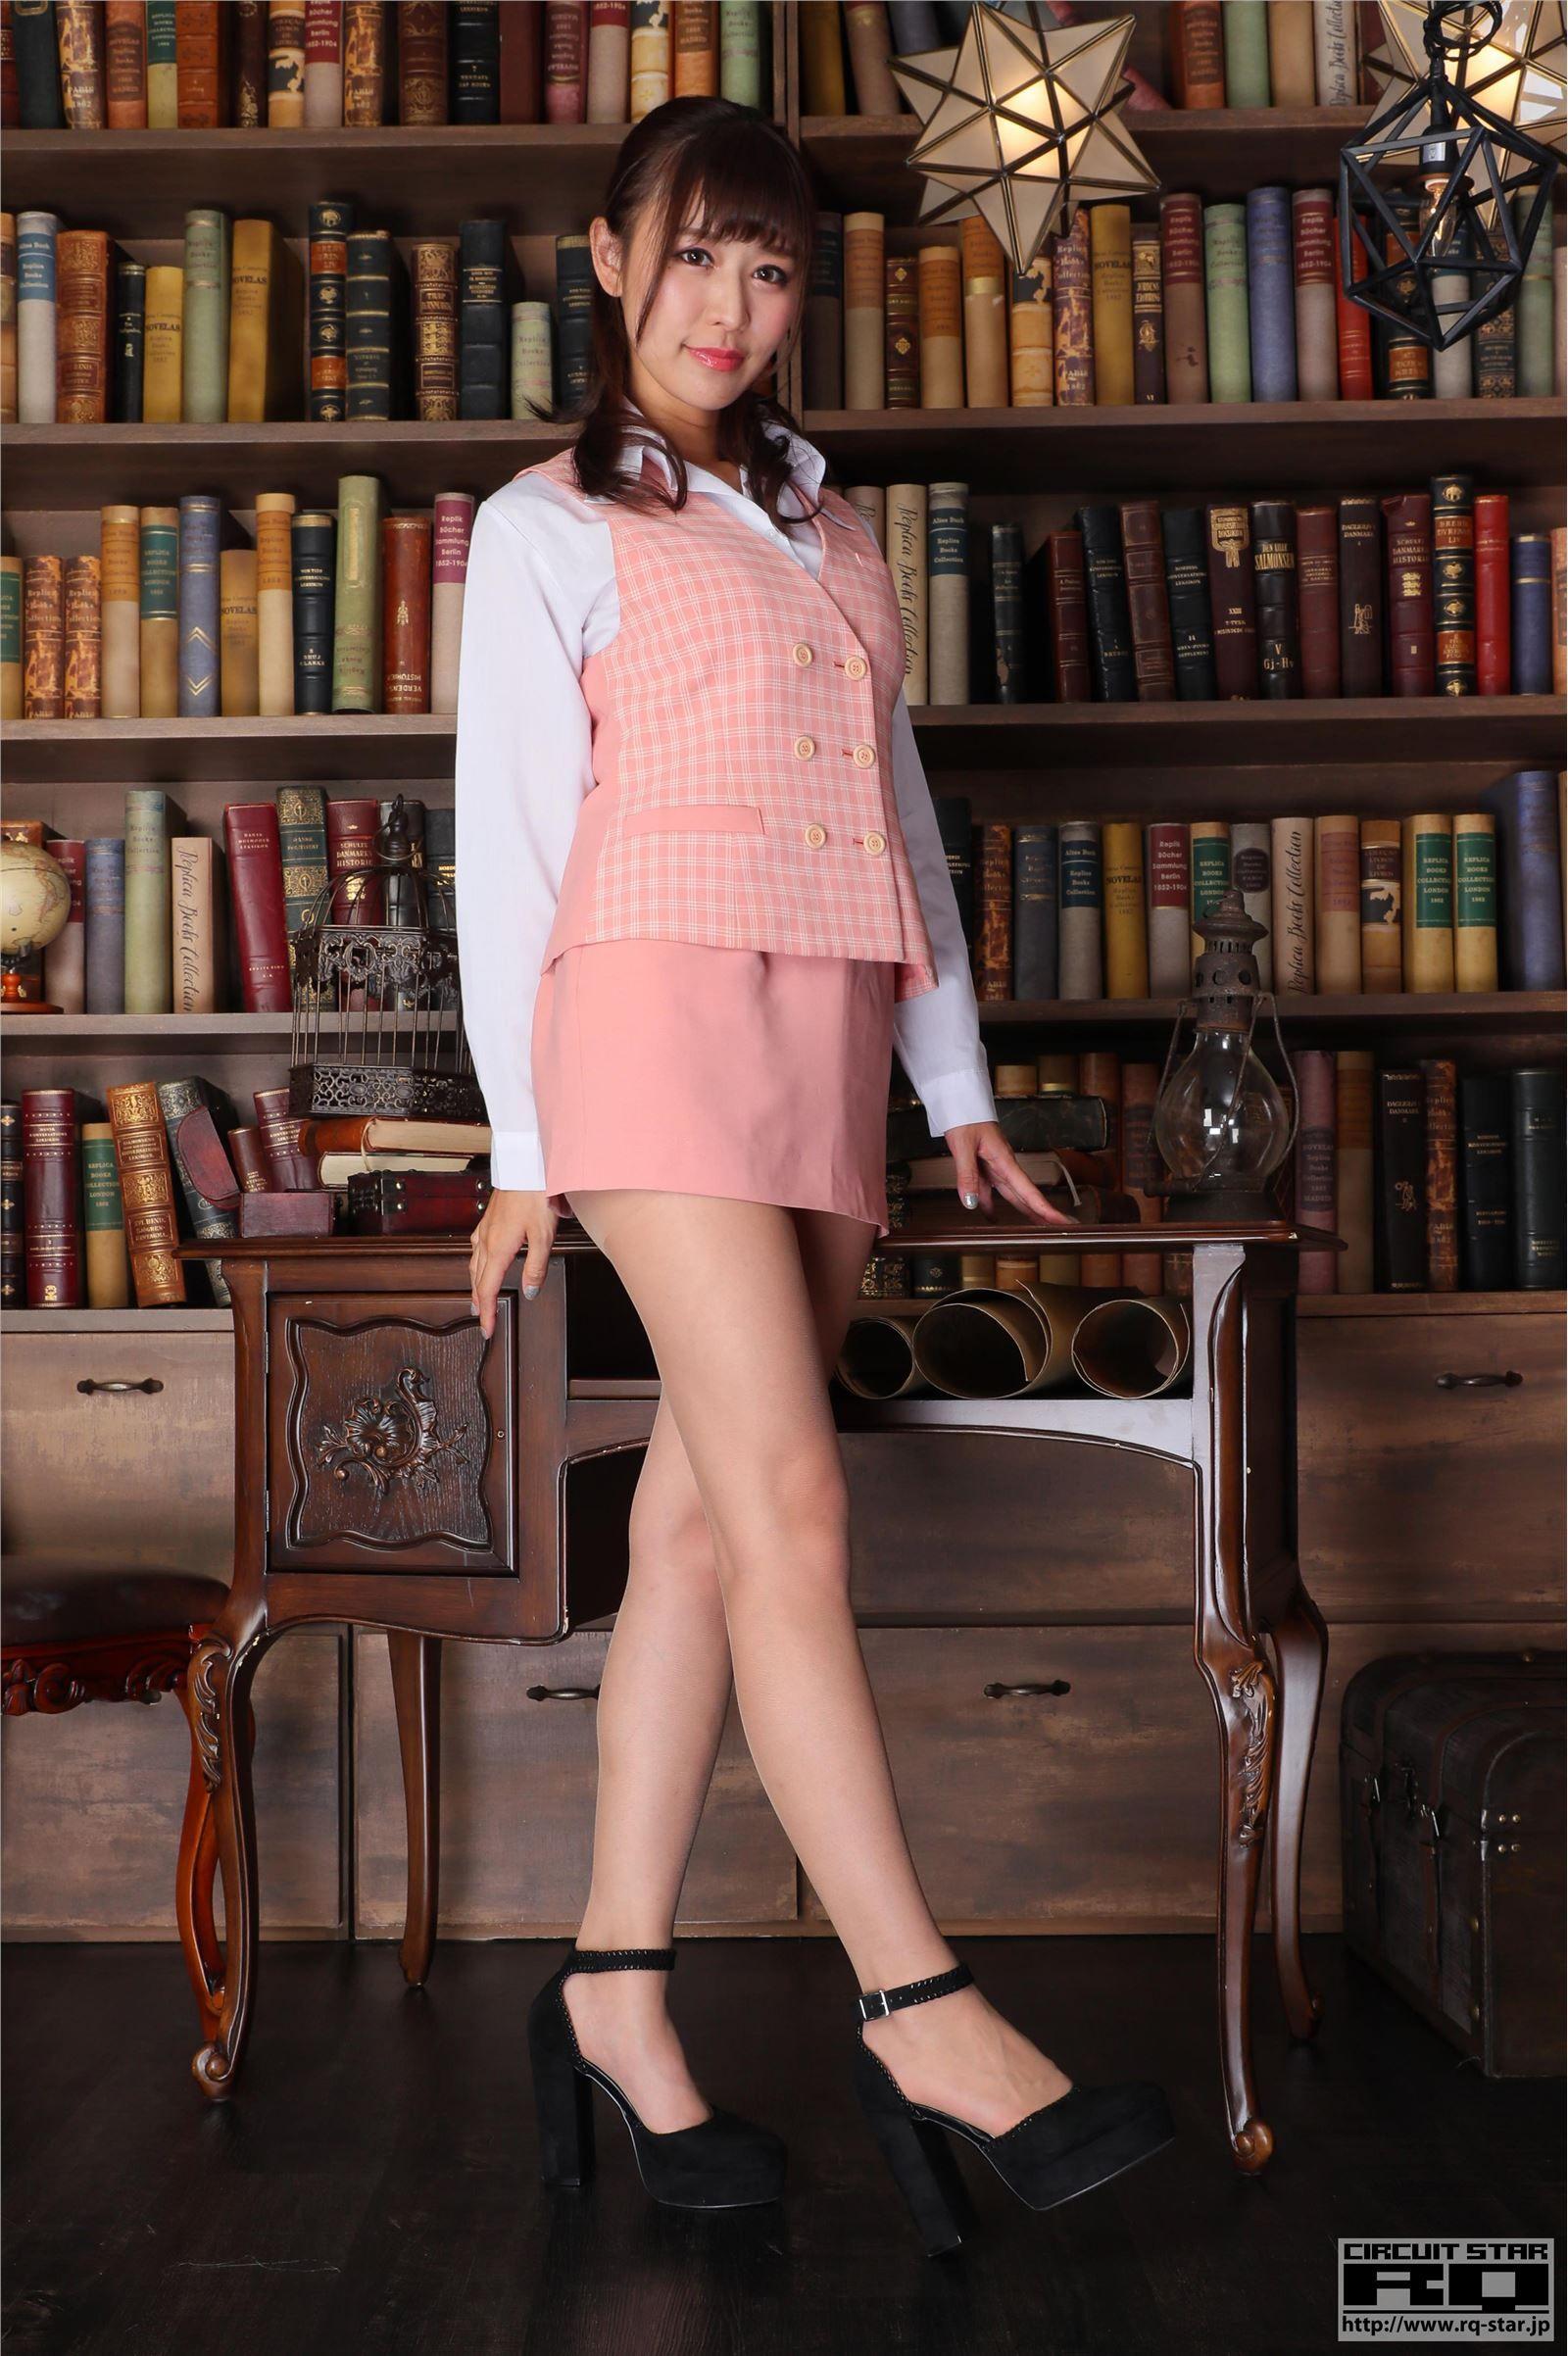 [RQ STAR美女] 2018.08.31 Aya Miyazaki 宮崎彩 Office Lady[100P] RQ STAR 第2张